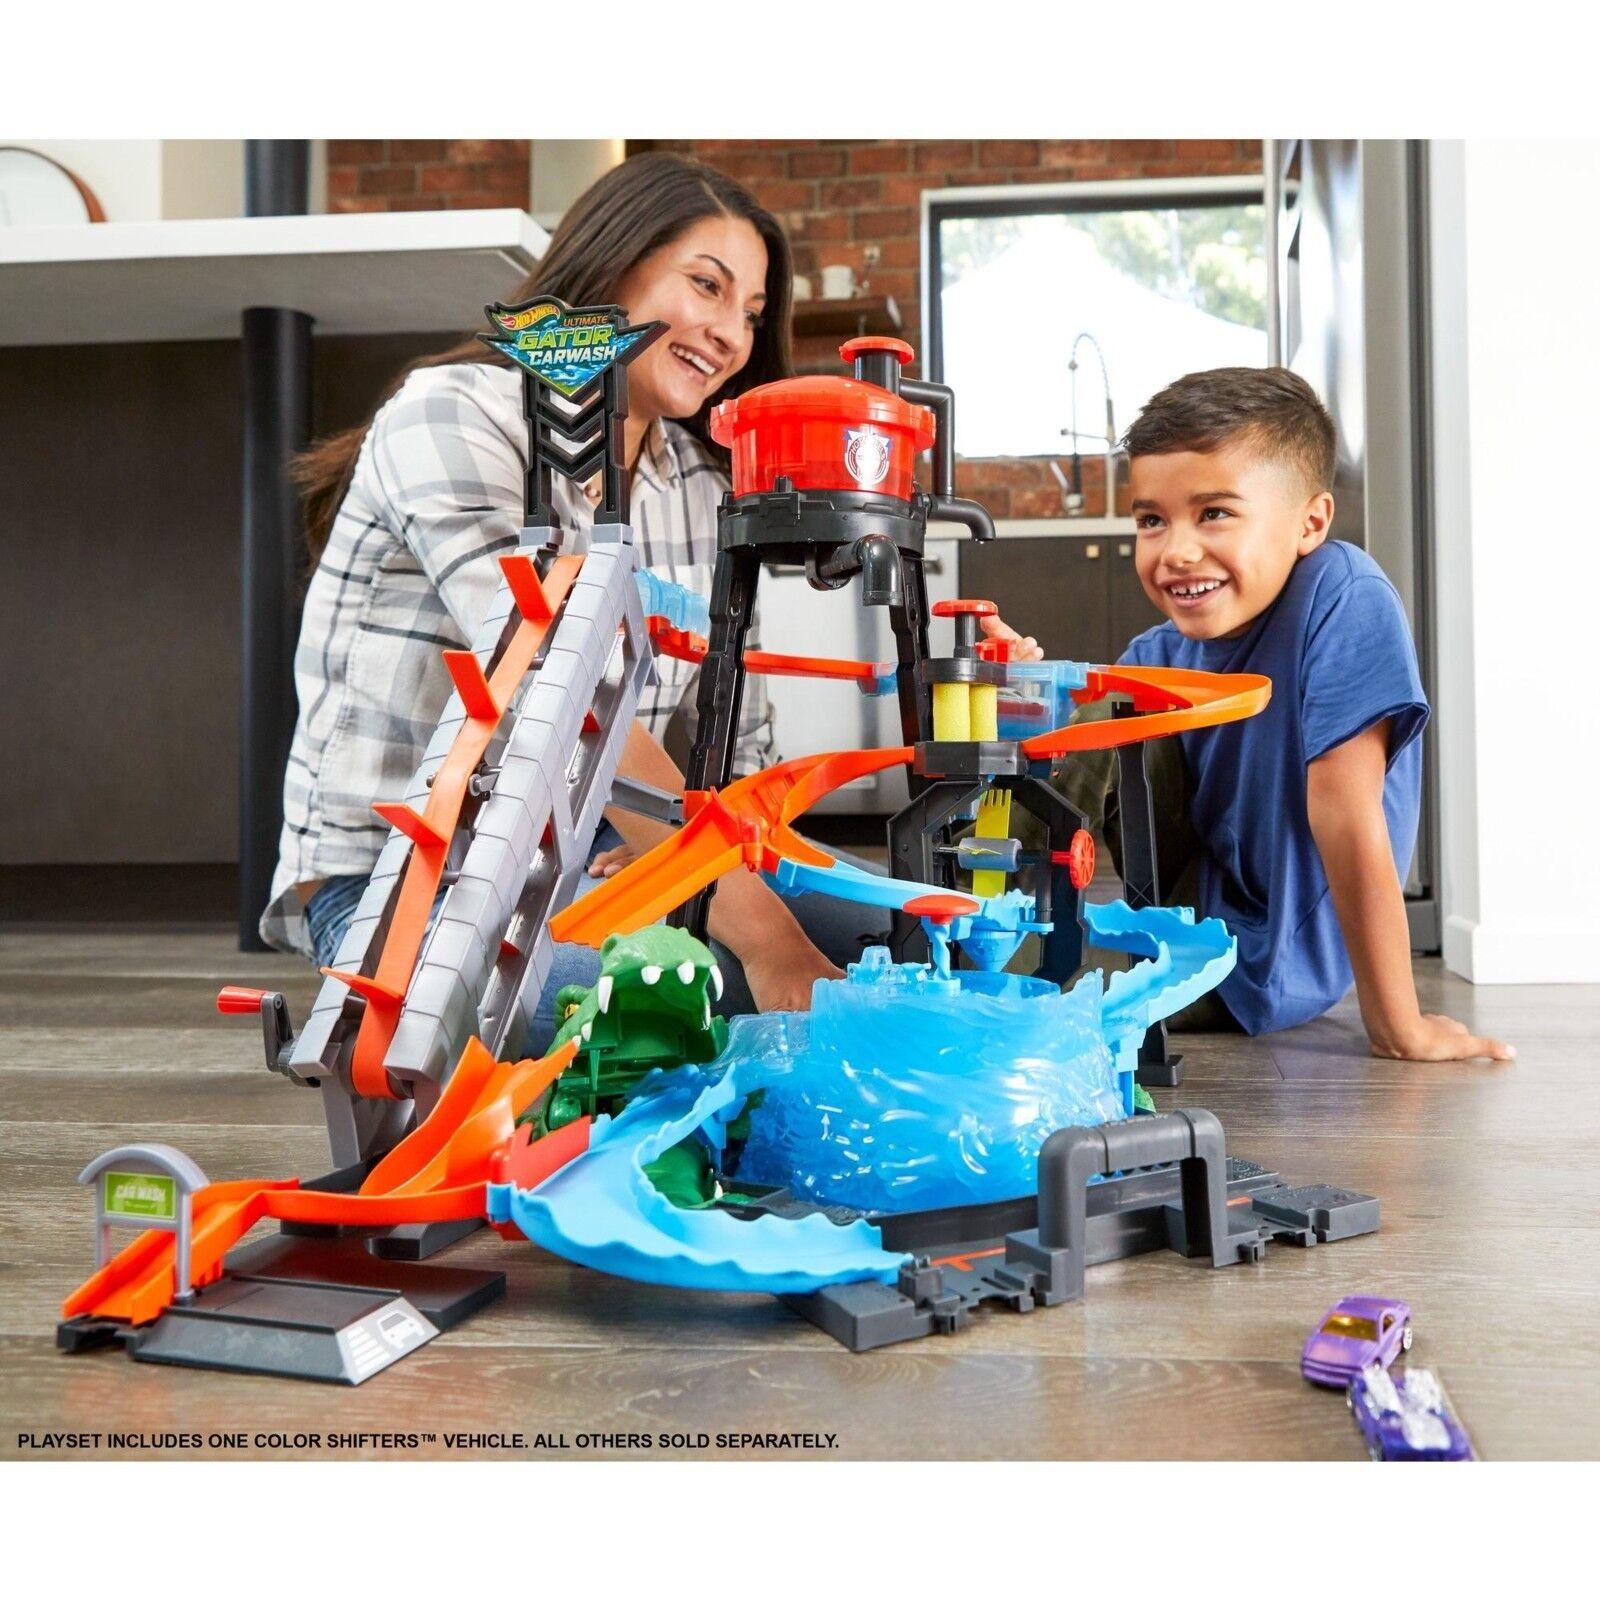 HOT  Wtalons Ultimate Gator Lavage Voiture Enfants Play Set with Couleur Shifters voiture  haute qualité authentique